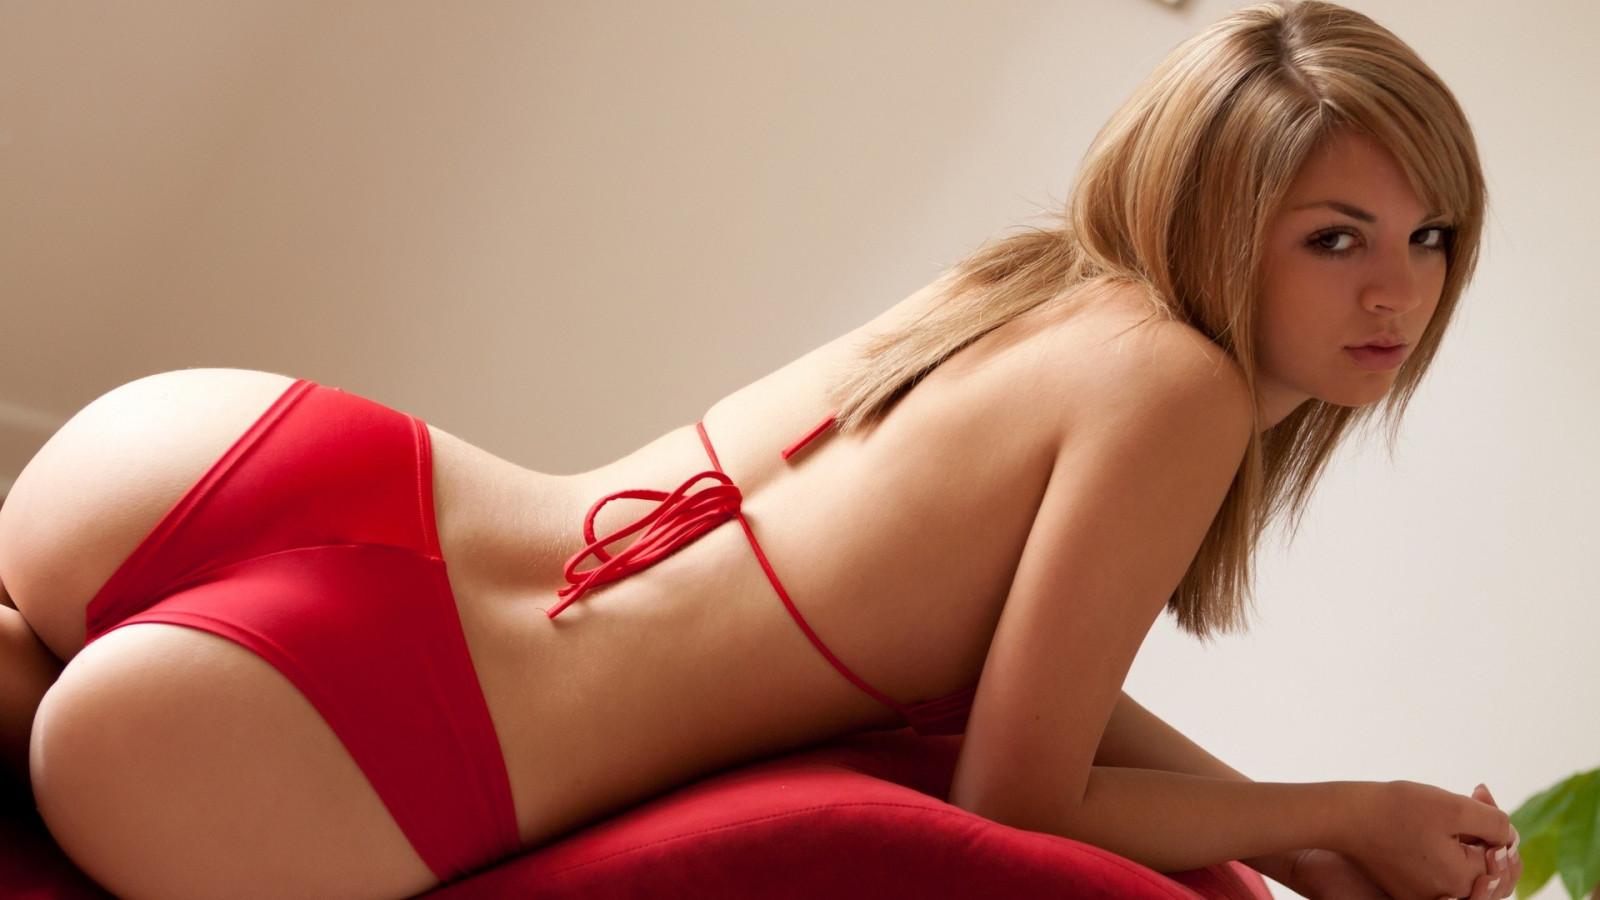 naked-pussy-models-alexa-hot-nude